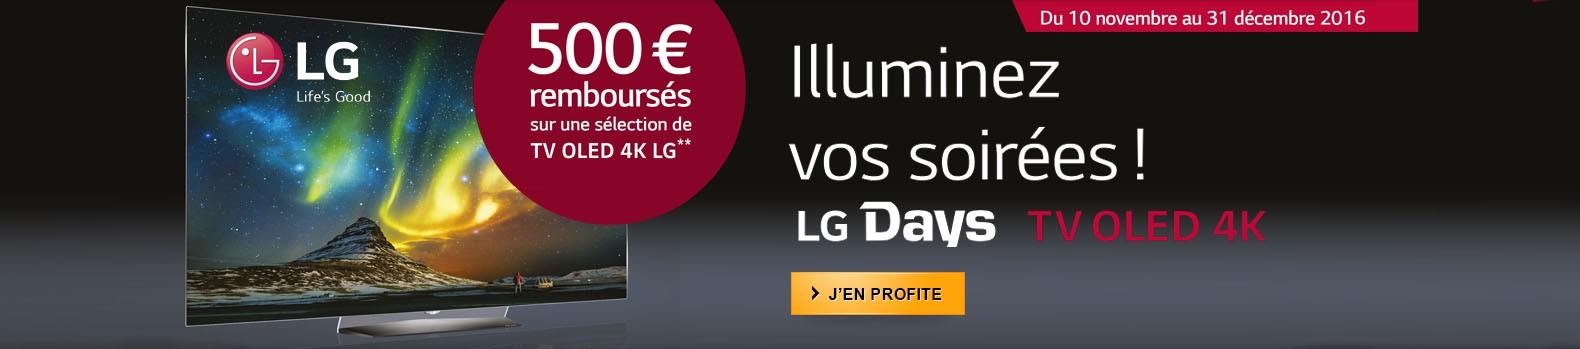 500€ remboursés par LG pour l'achat d'un TV OLED !